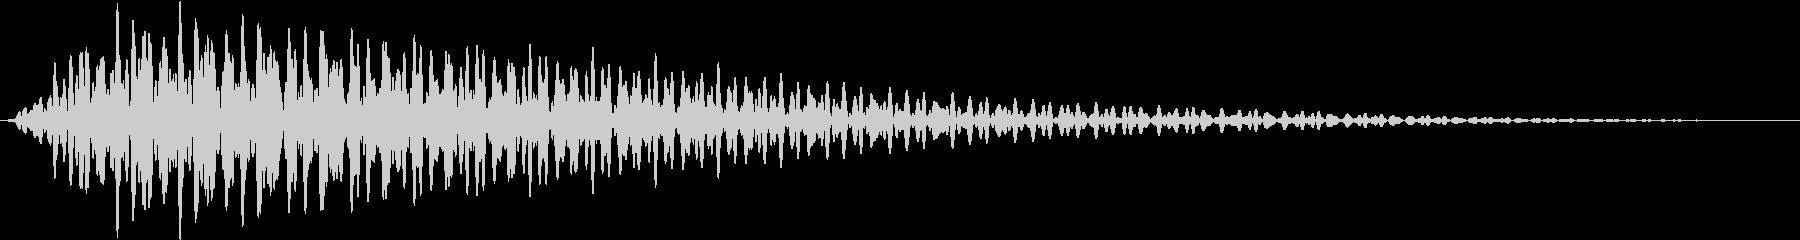 App エラー・キャンセル音の未再生の波形